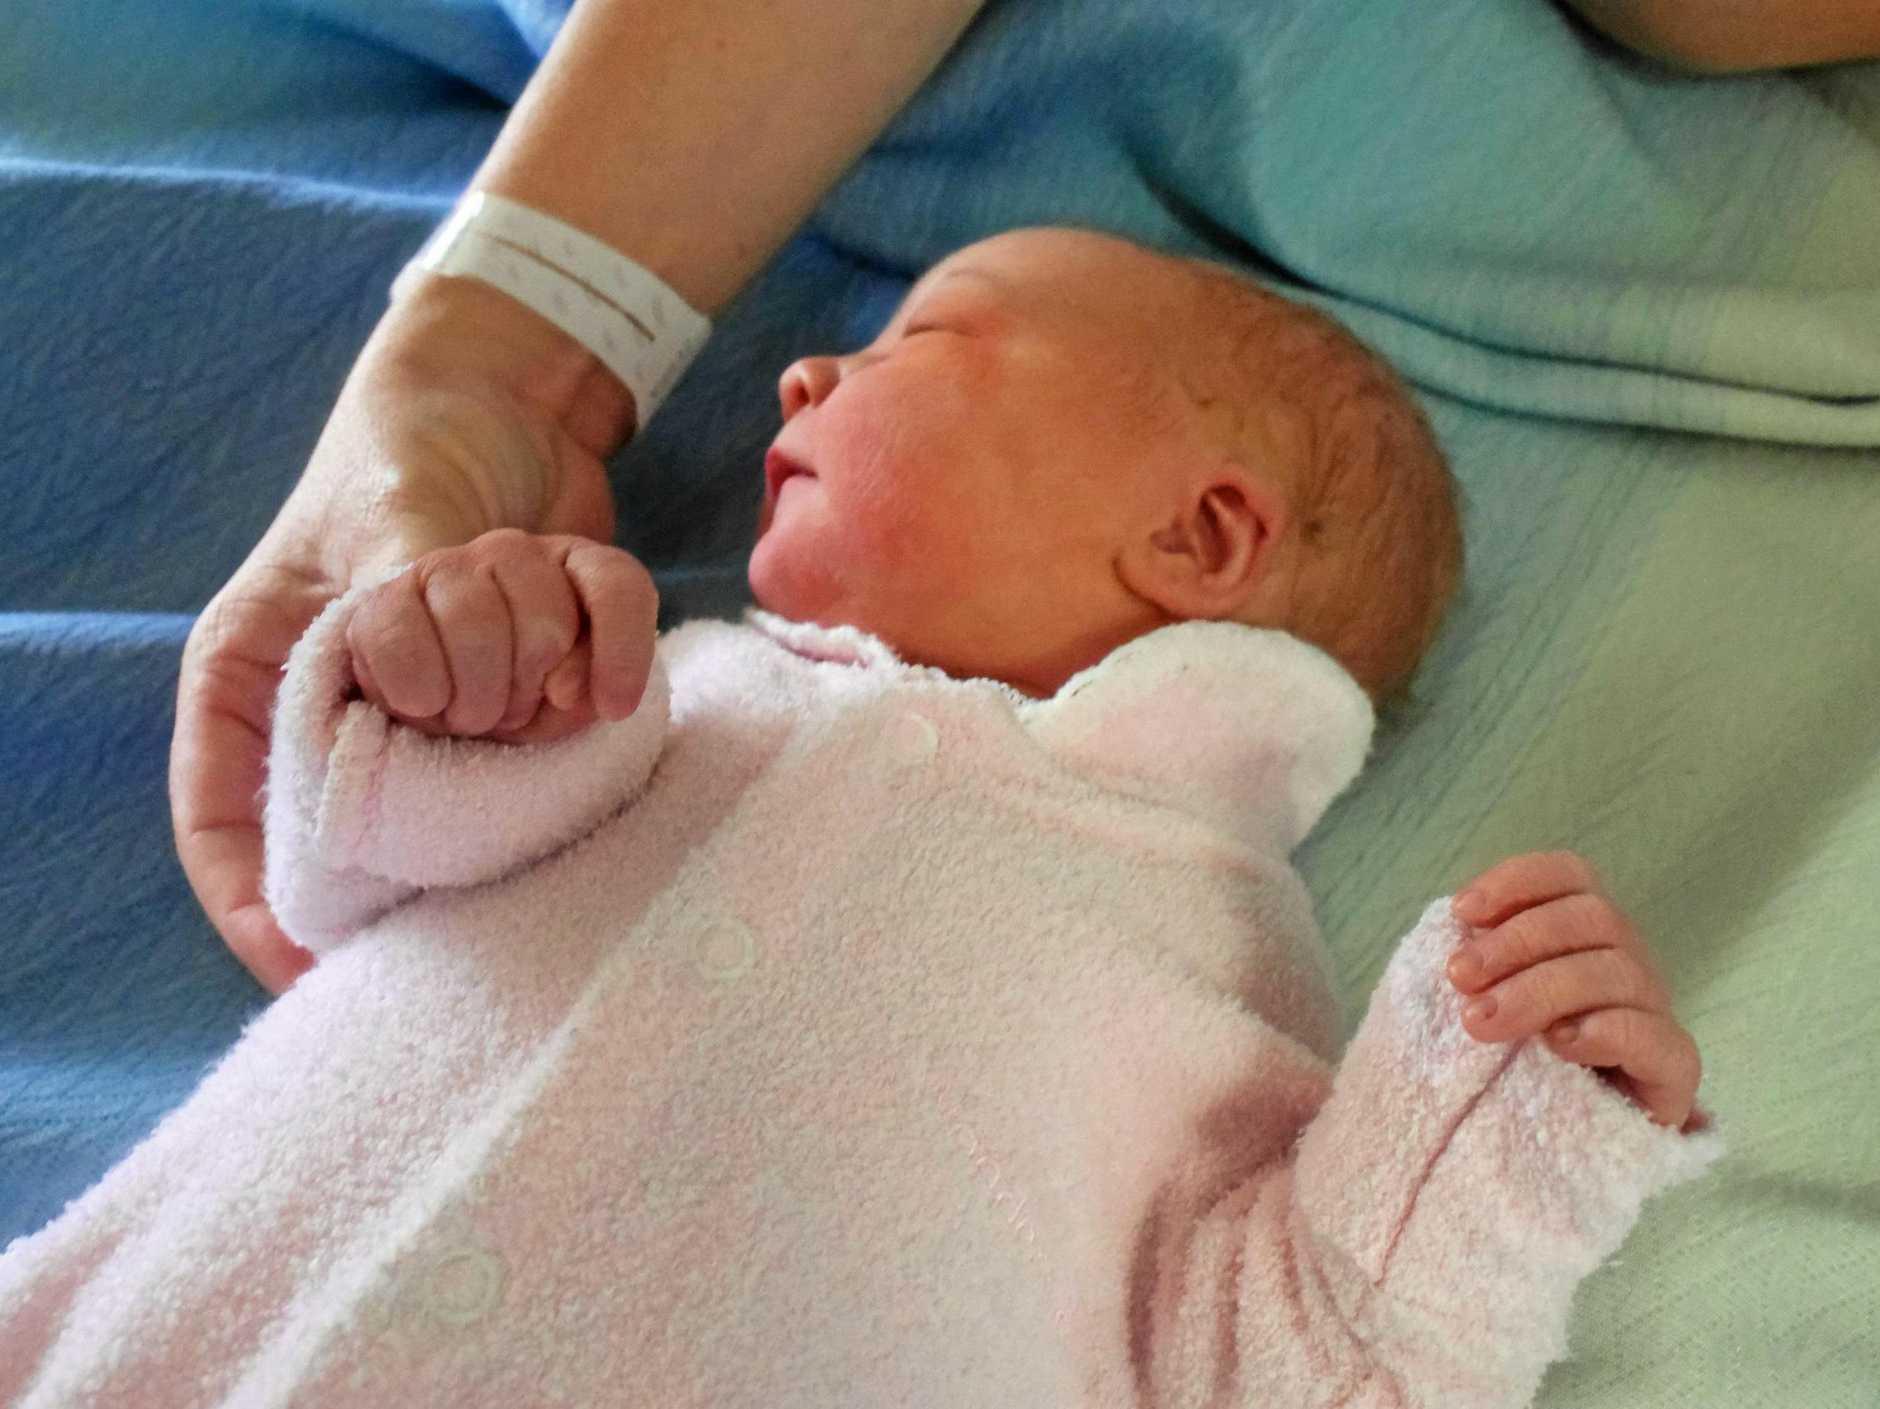 Newborn Chloe Jaide Euler sleeps peacefully at the Gladstone Hospital.